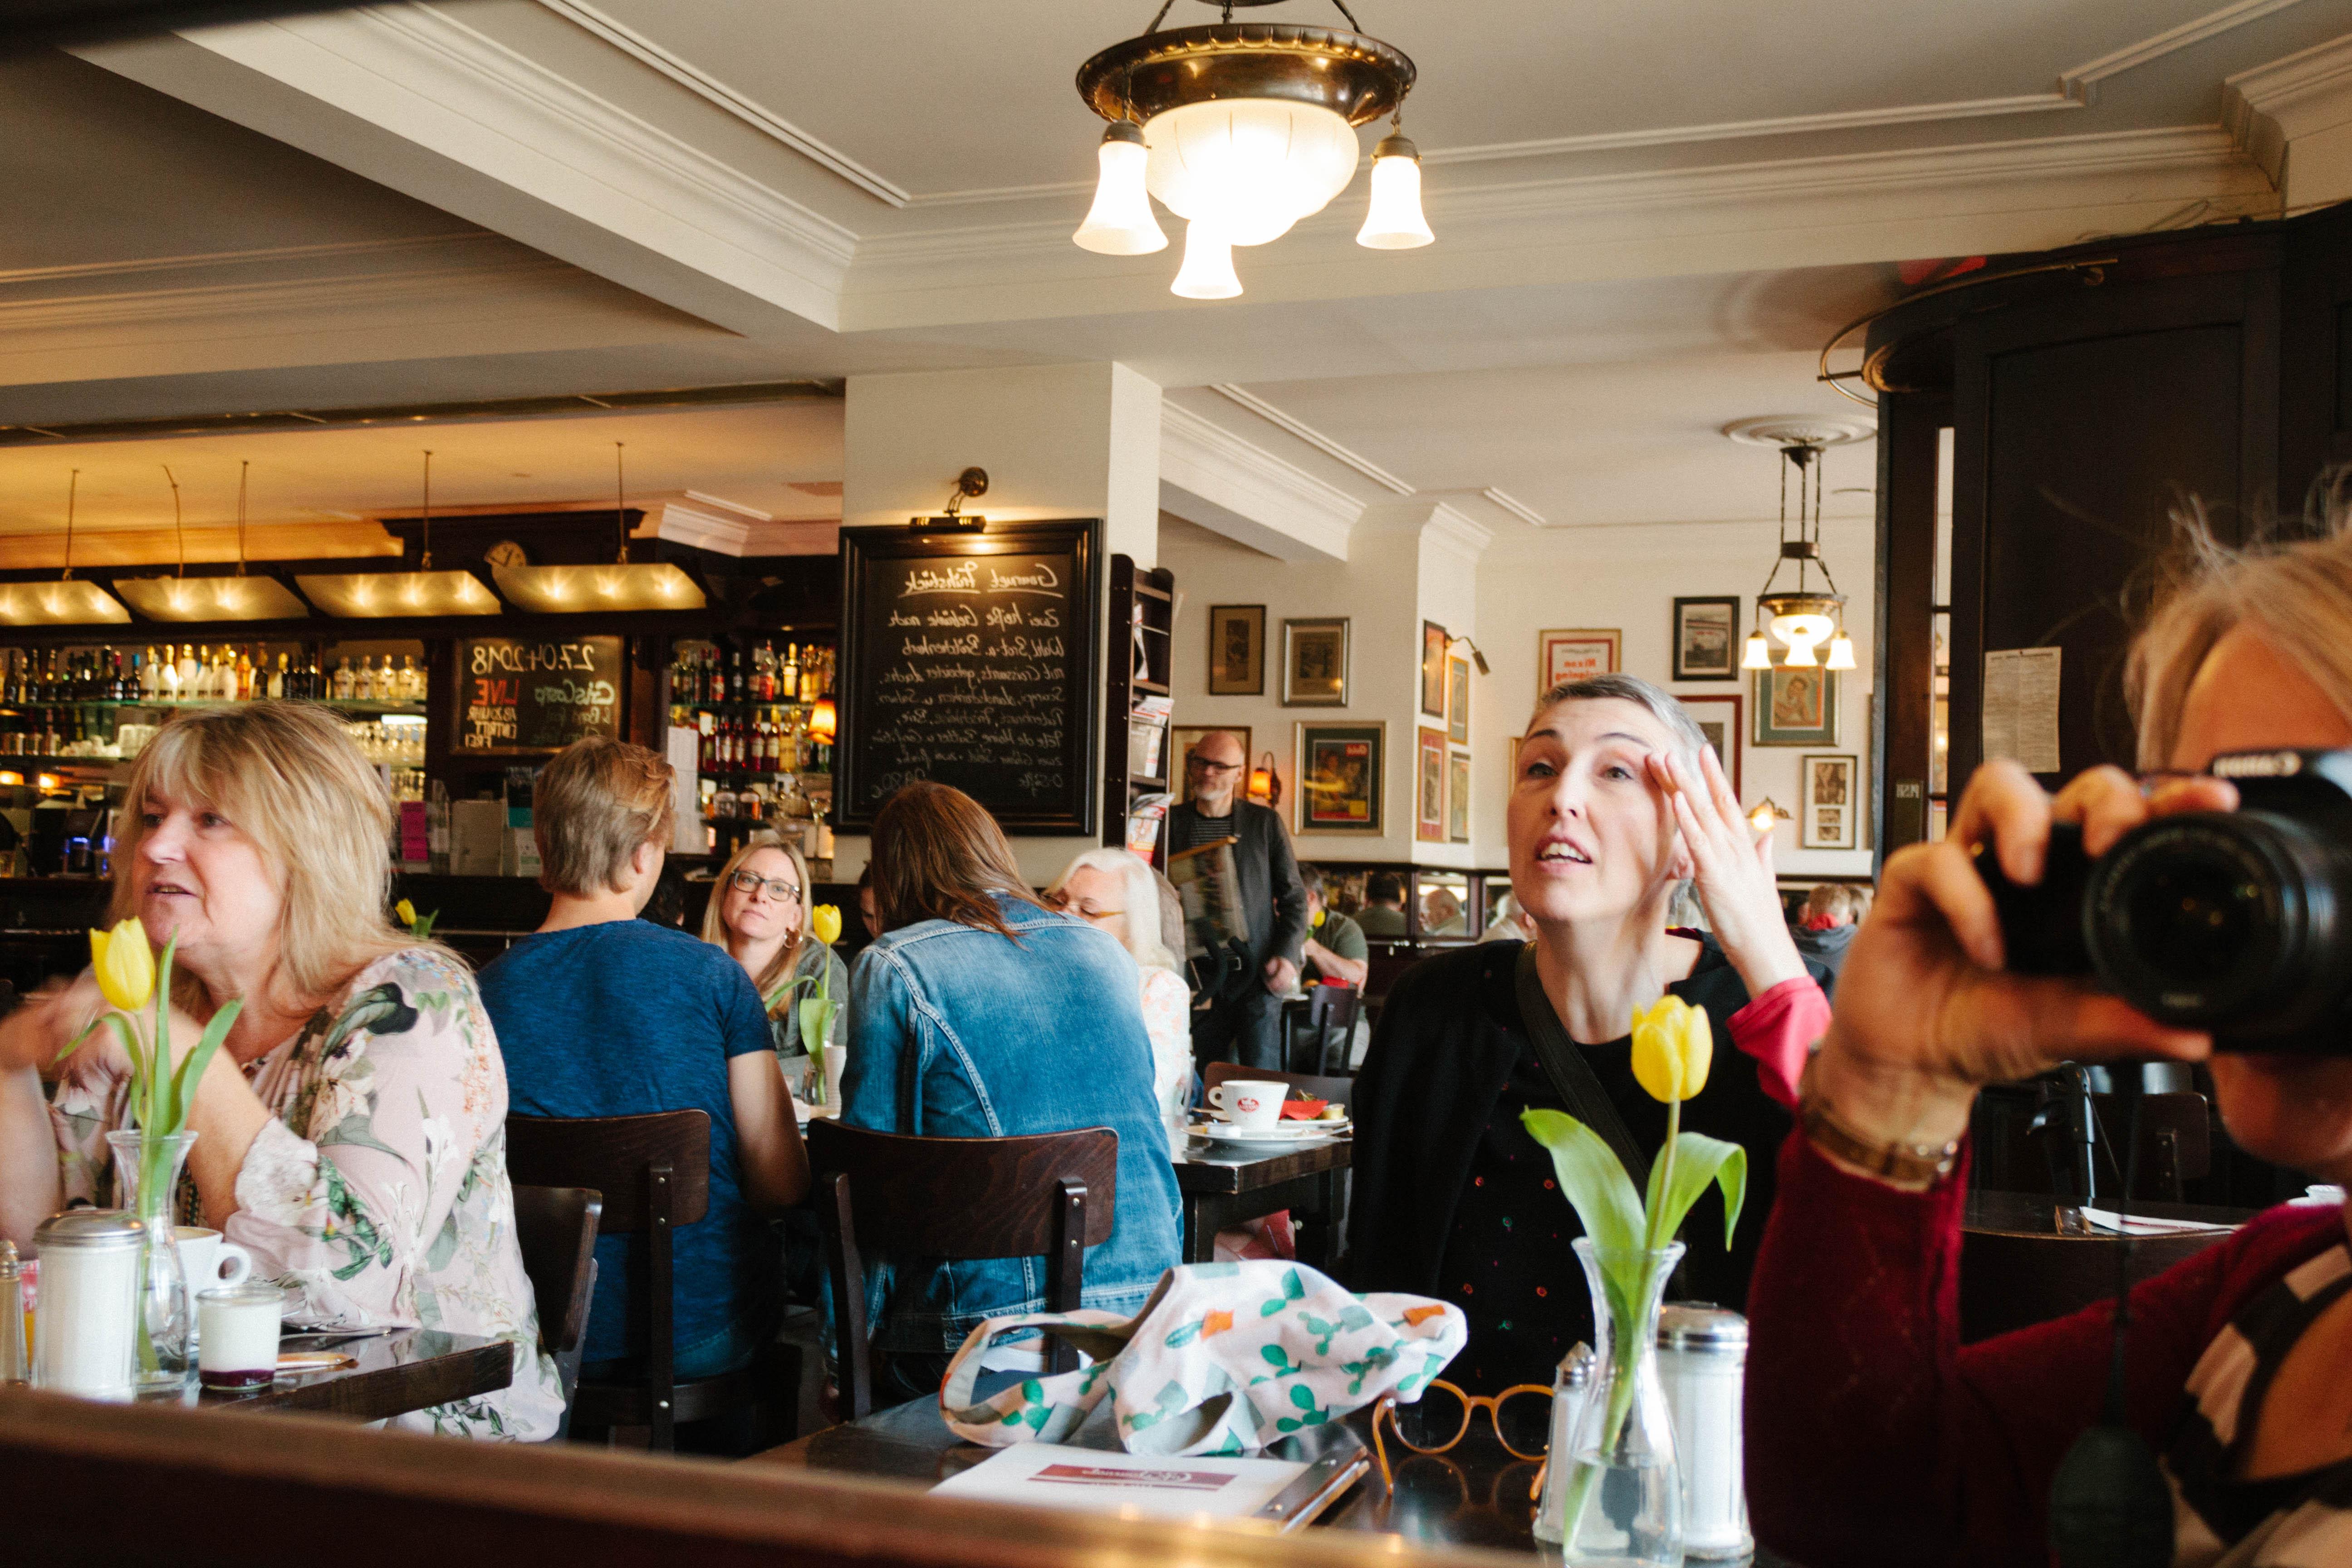 Eine Szene in einem oppulente Cafe: Eine Frau betrachtet sich im Spiegel